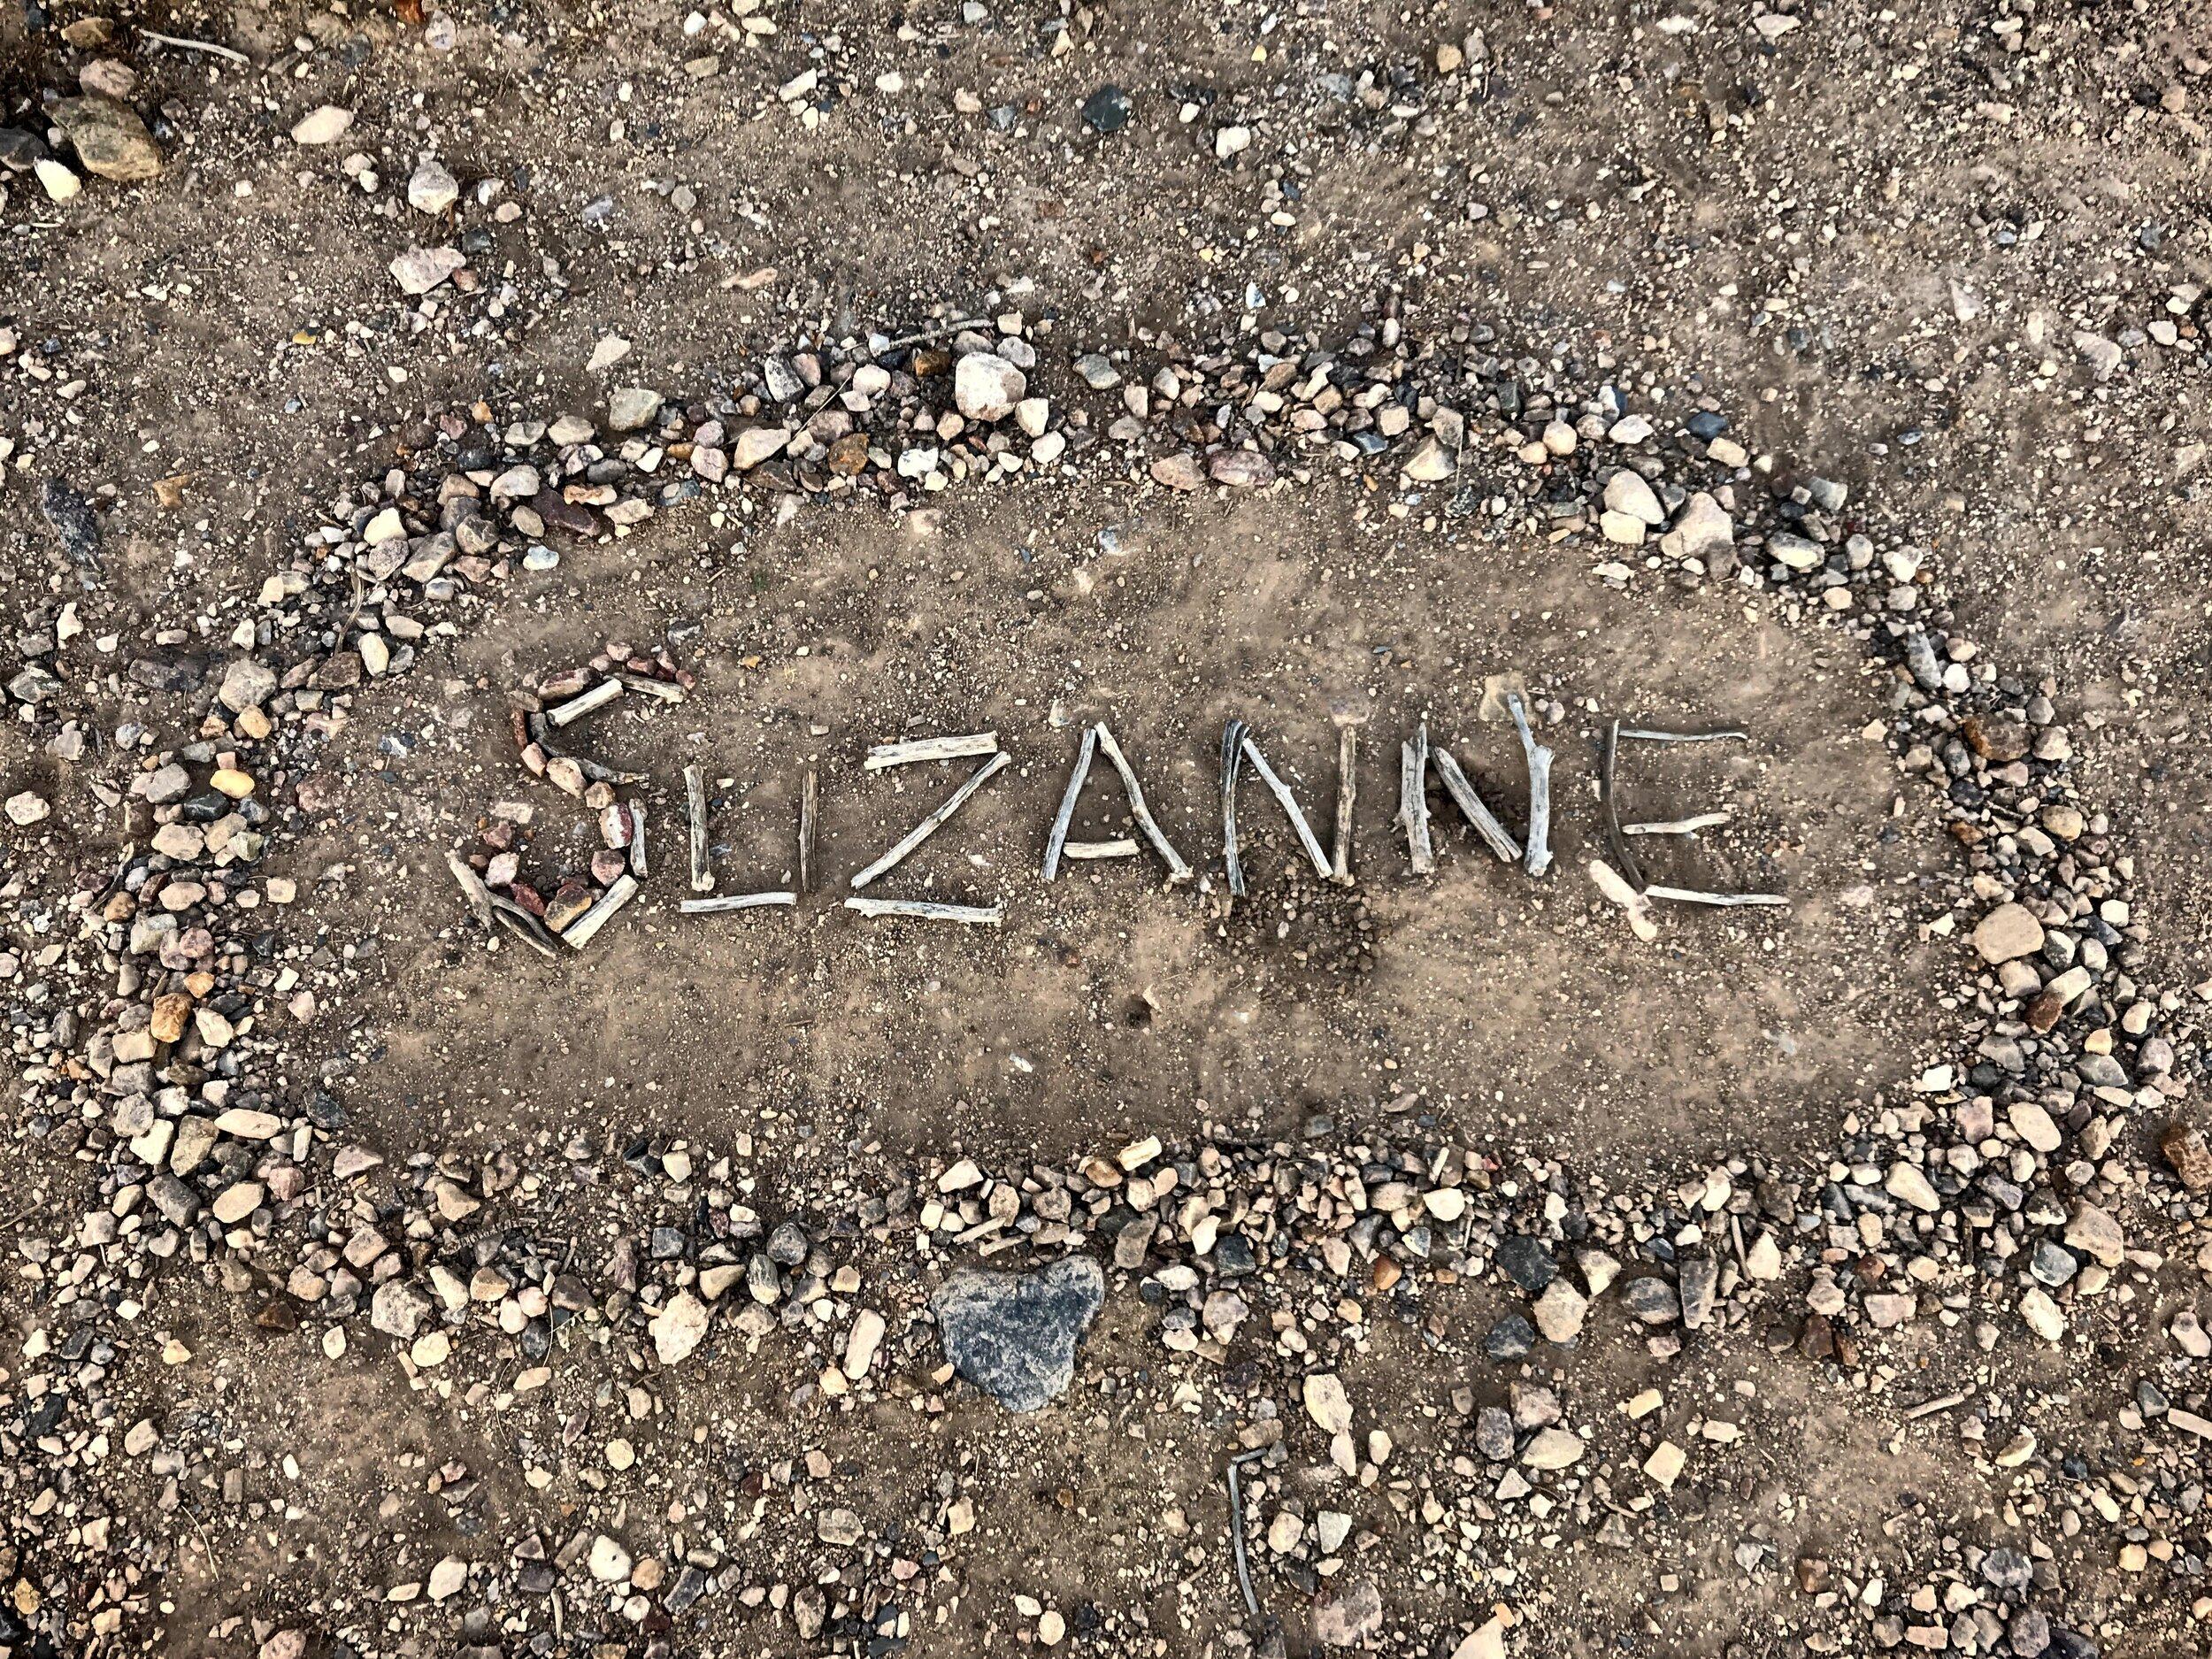 Susannah-Mira_20190920-5210.jpg